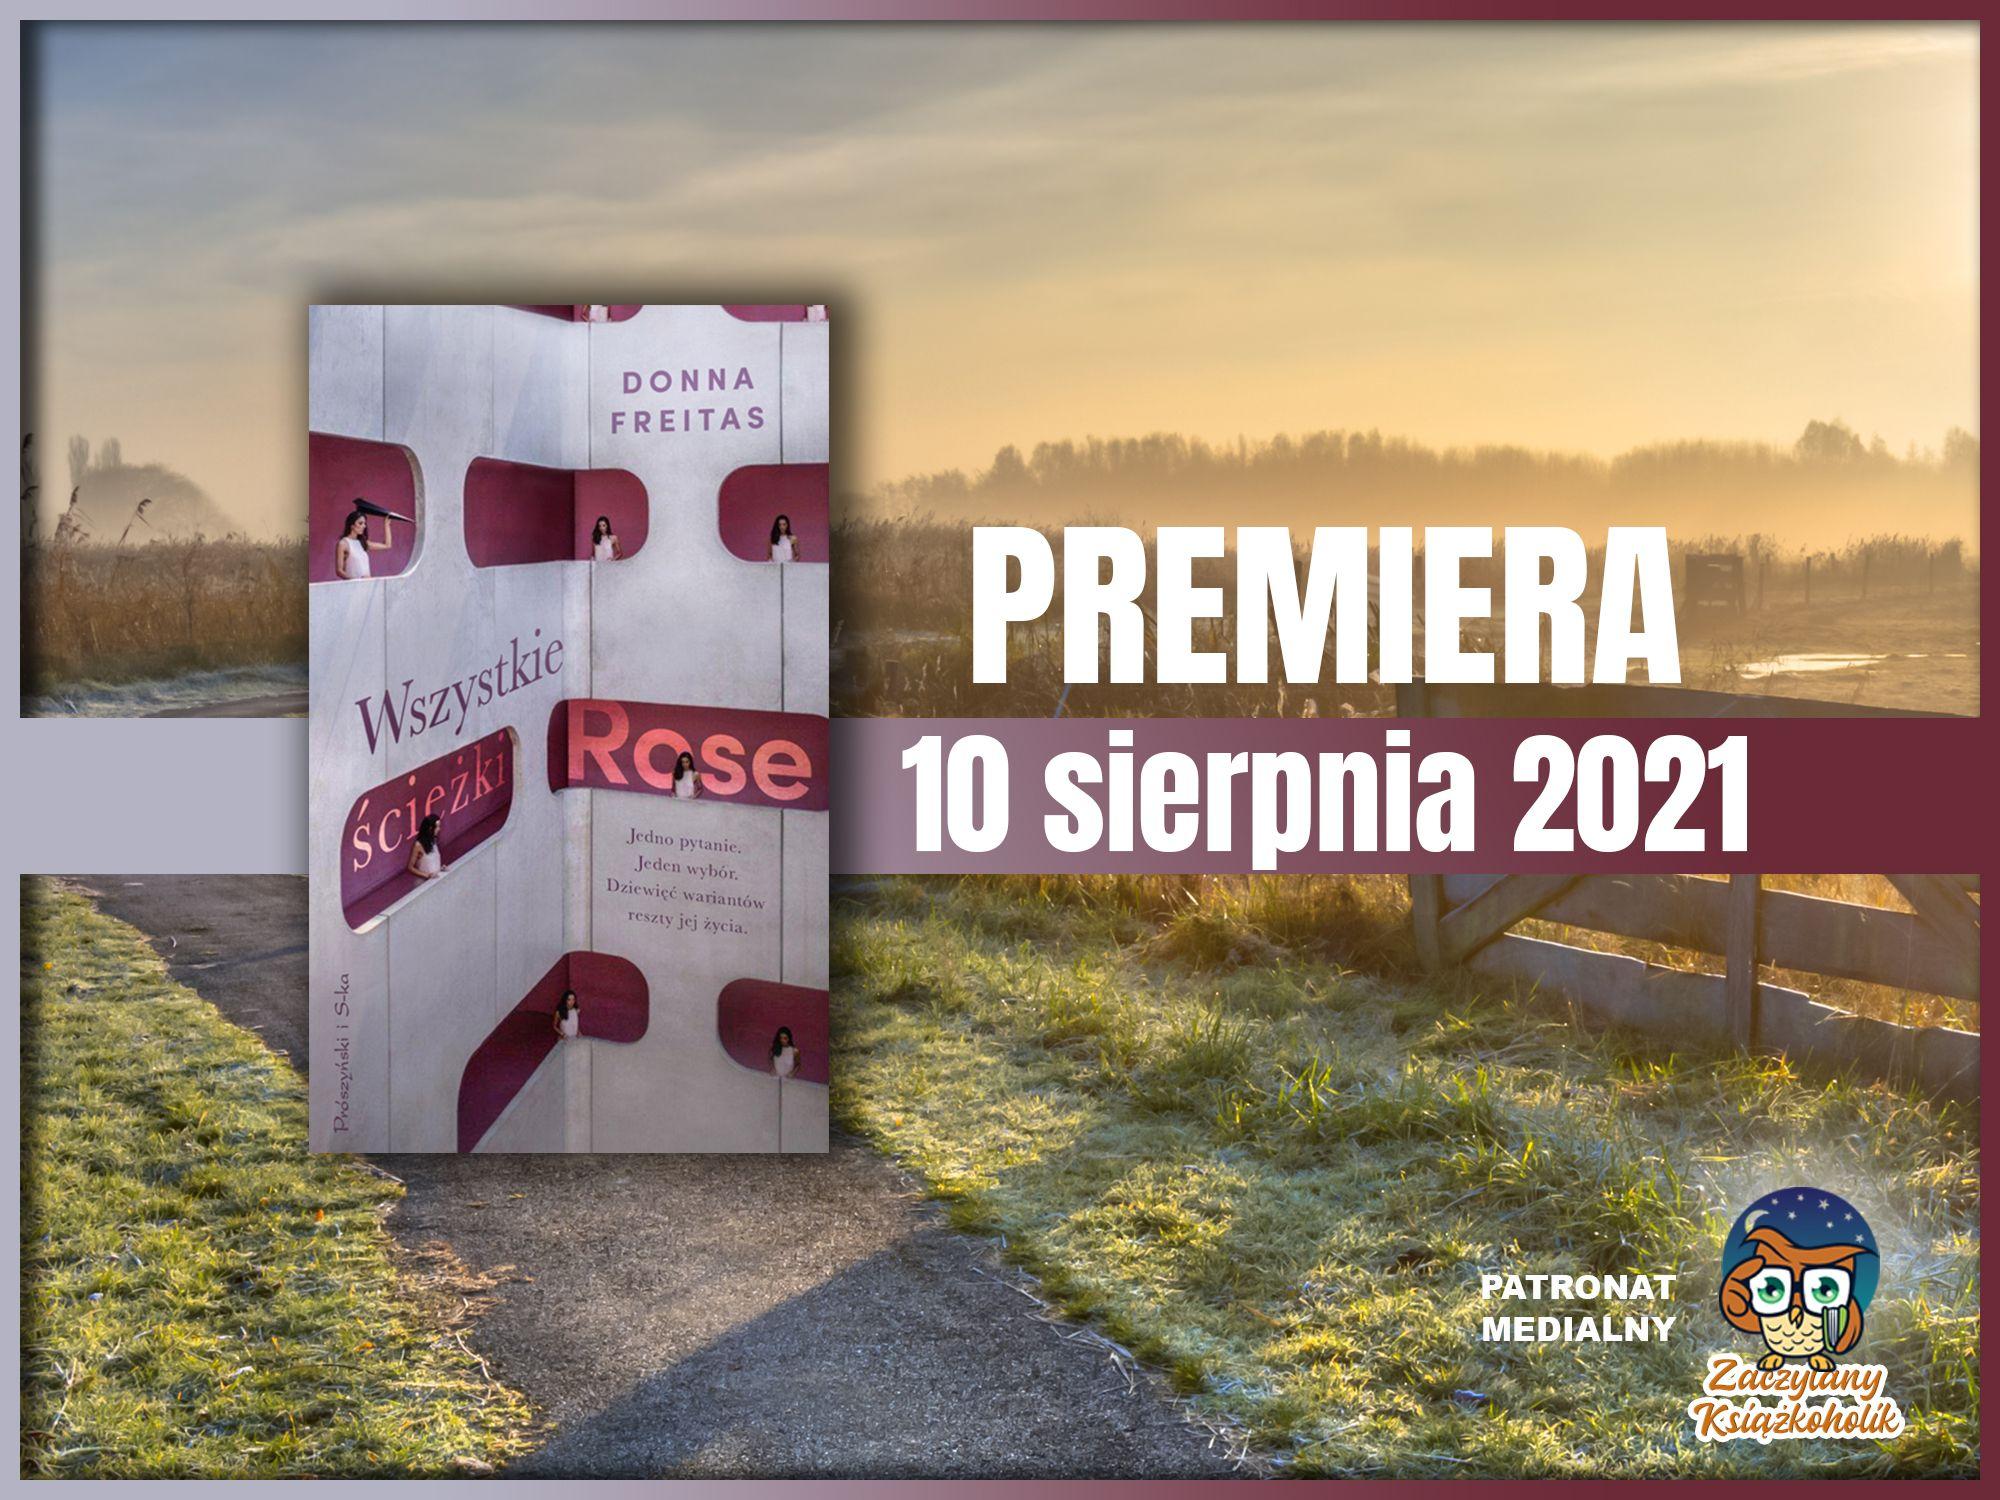 Wszystkie ścieżki Rose, Donna Freitas, zaczytanyksiazkoholik.pl